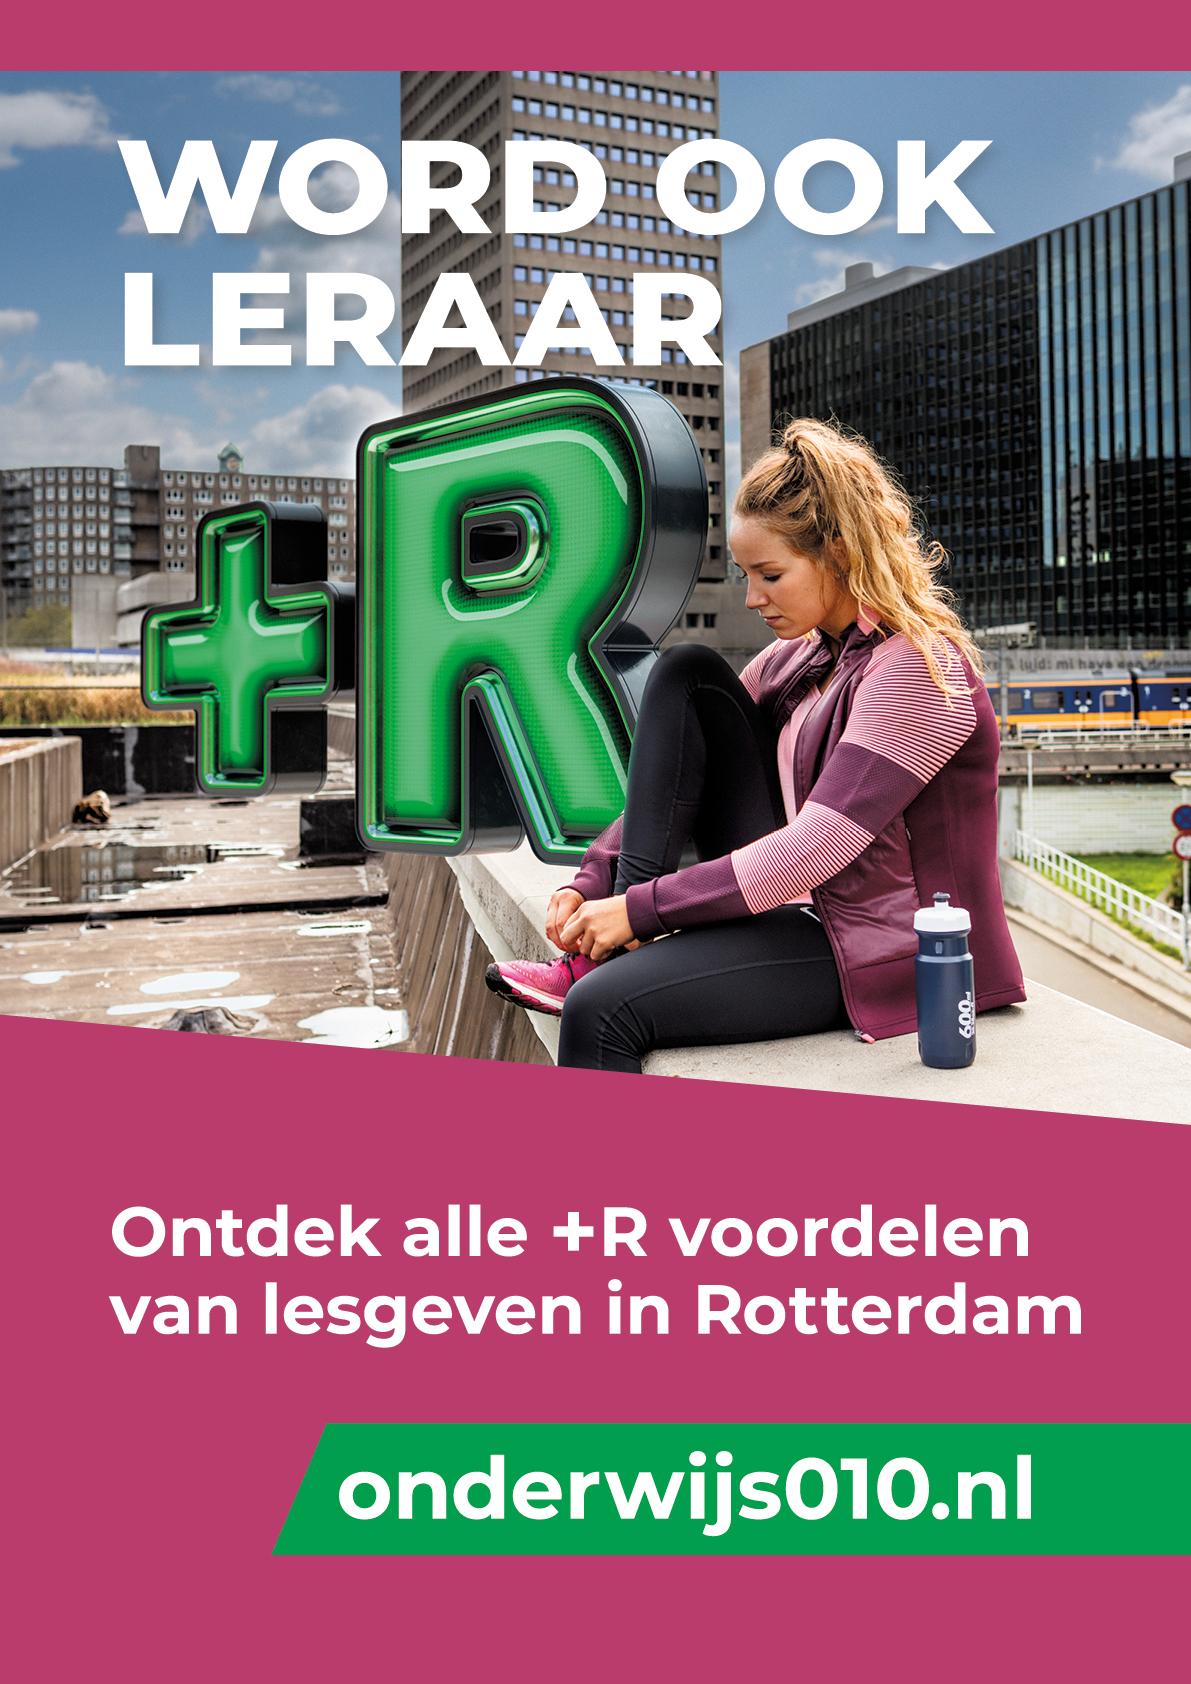 0to9: Campagne voor 'Word een Leraar+R in Rotterdam', Suus.